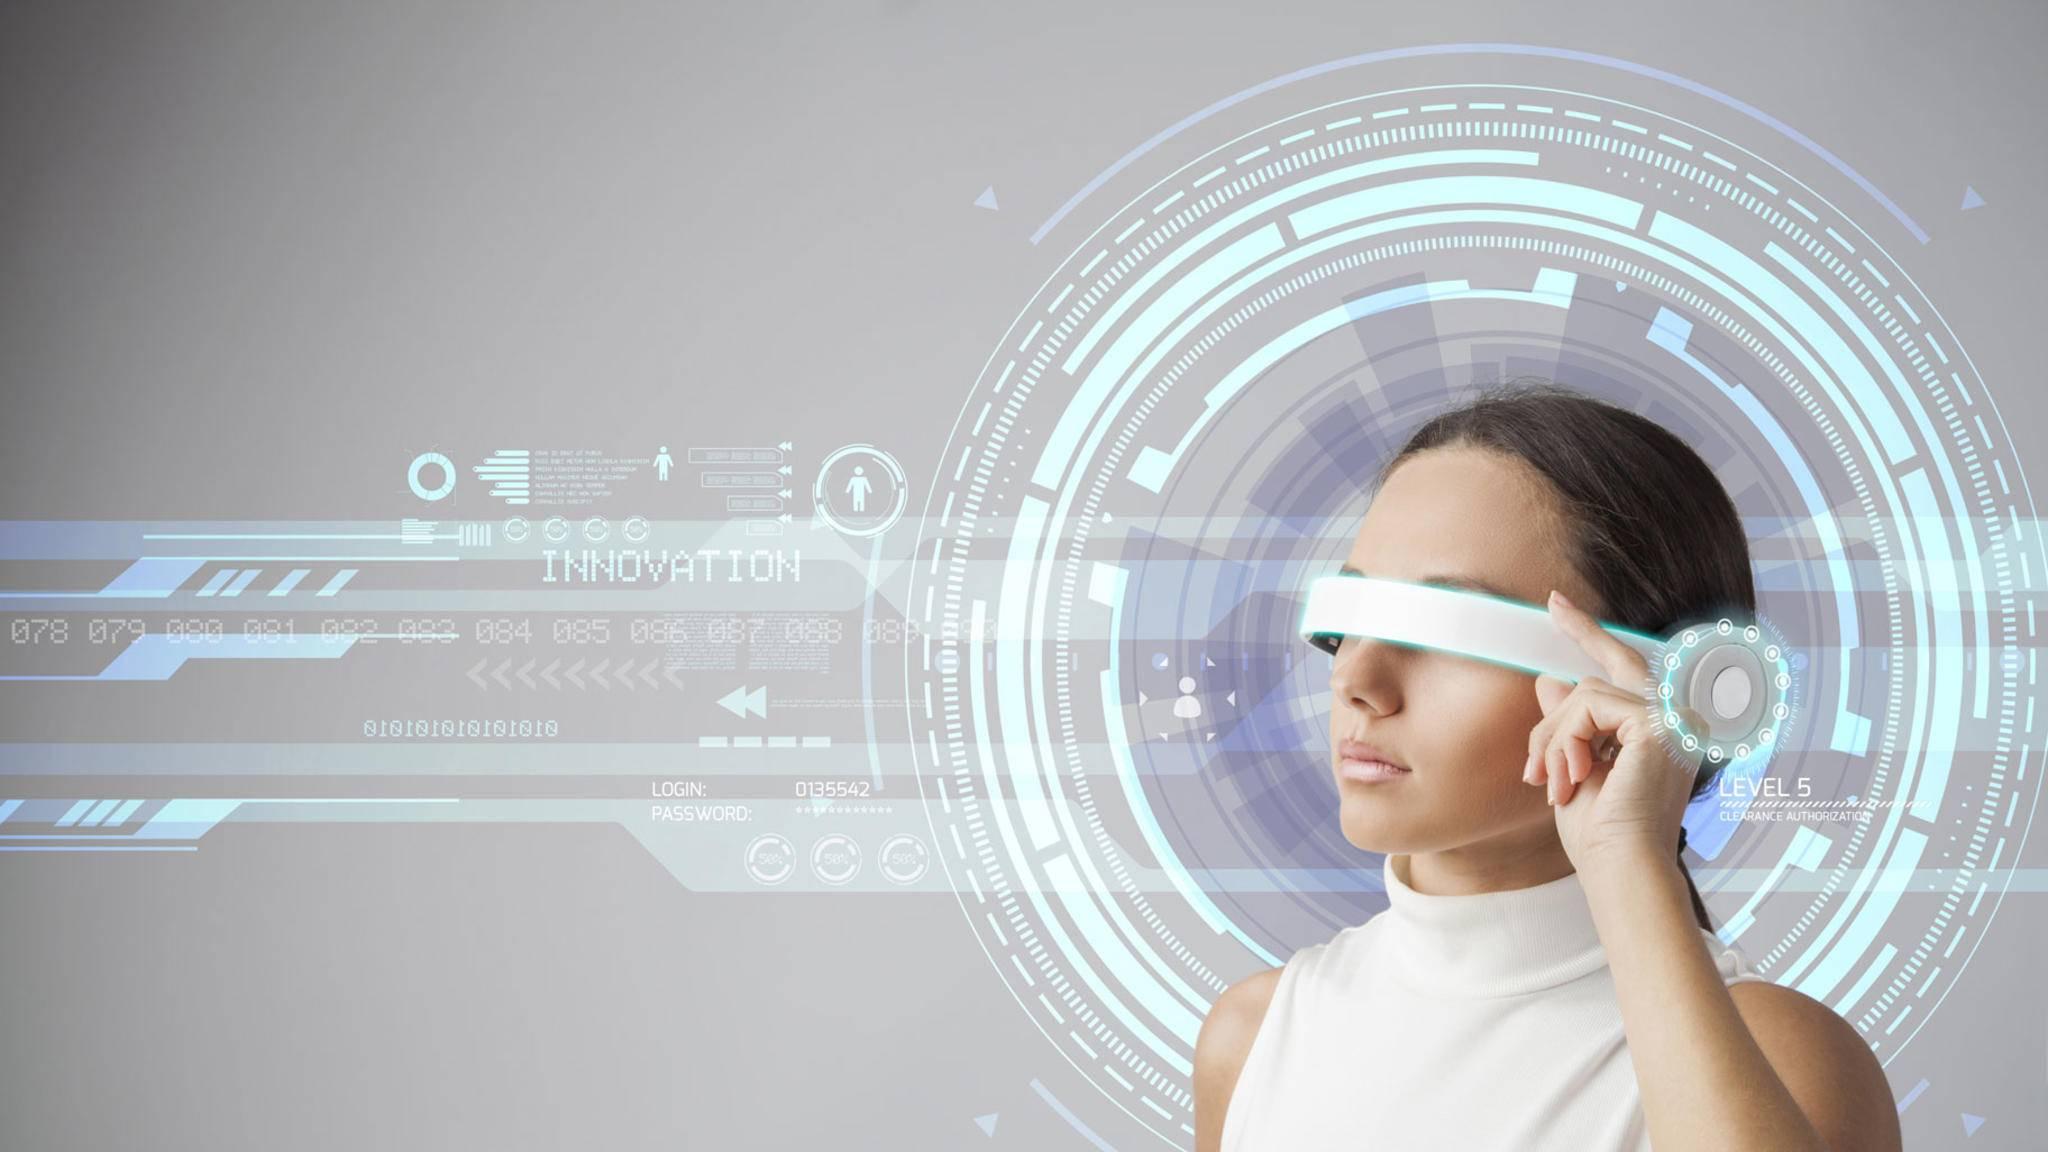 Ab 2020 könnte es Apples AR-Brille zu kaufen geben.